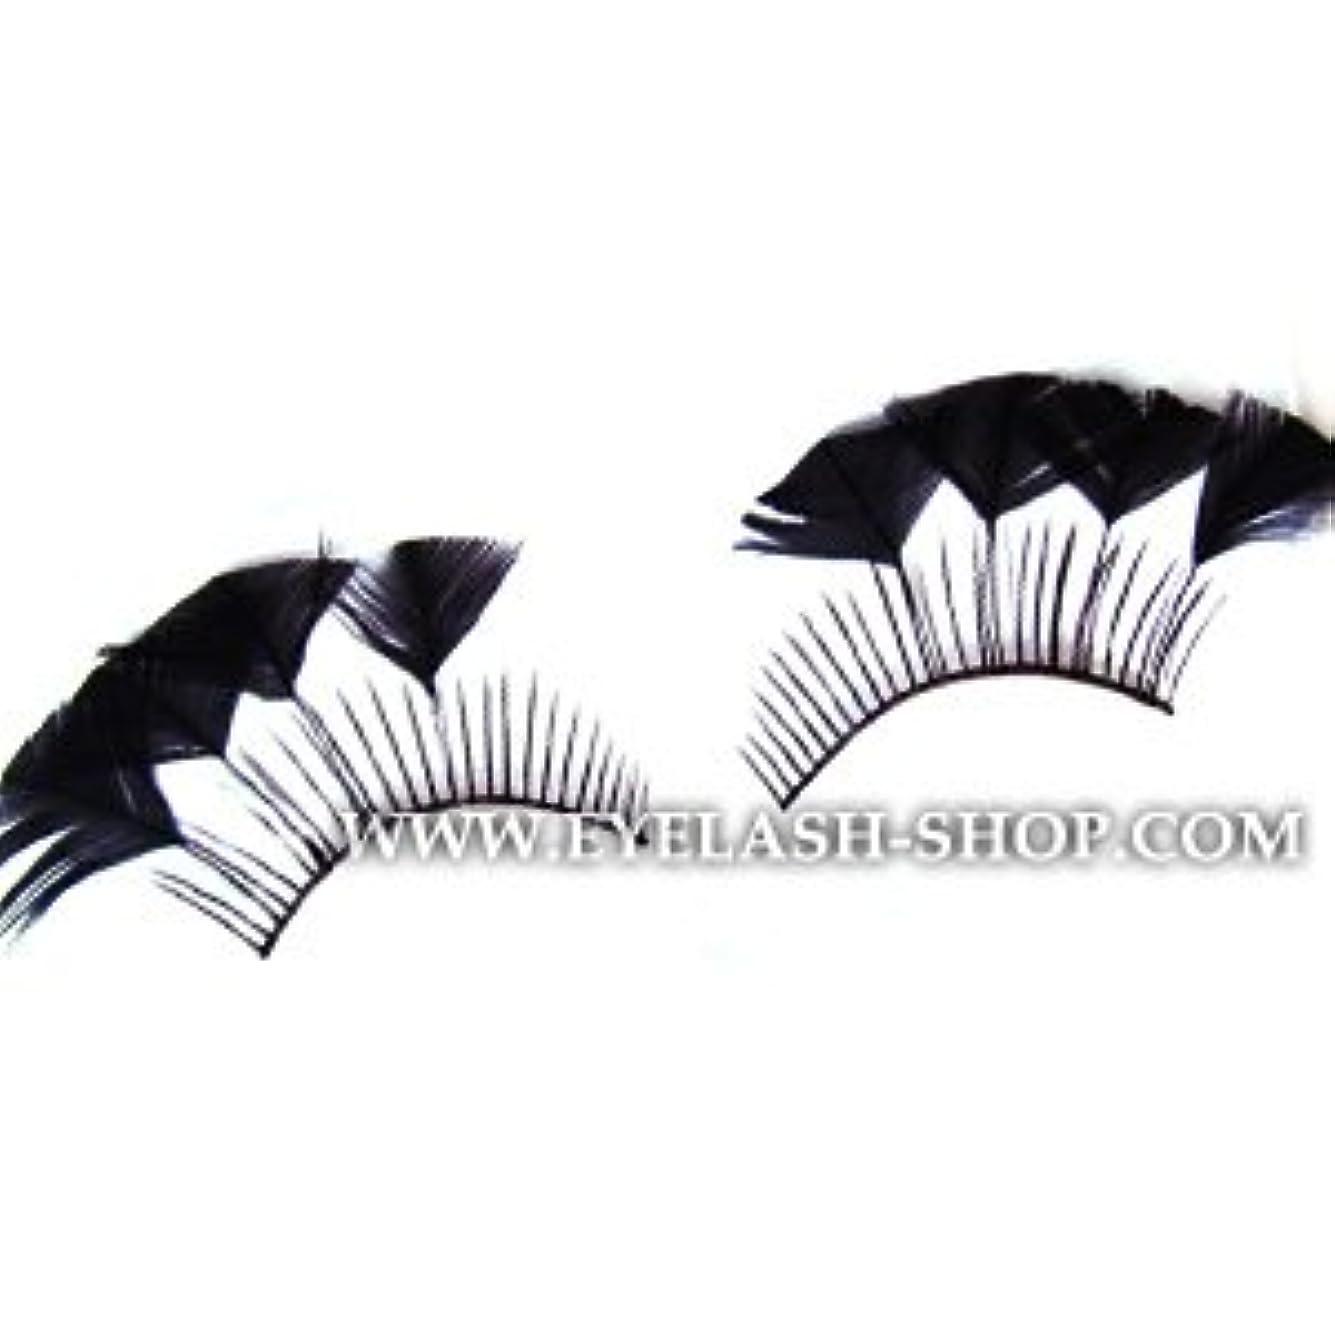 トレード鈍い熟達ETY-450 つけまつげ  羽 ナチュラル つけま 部分 まつげ 羽まつげ 羽根つけま カラー デザイン フェザー 激安 アイラッシュ